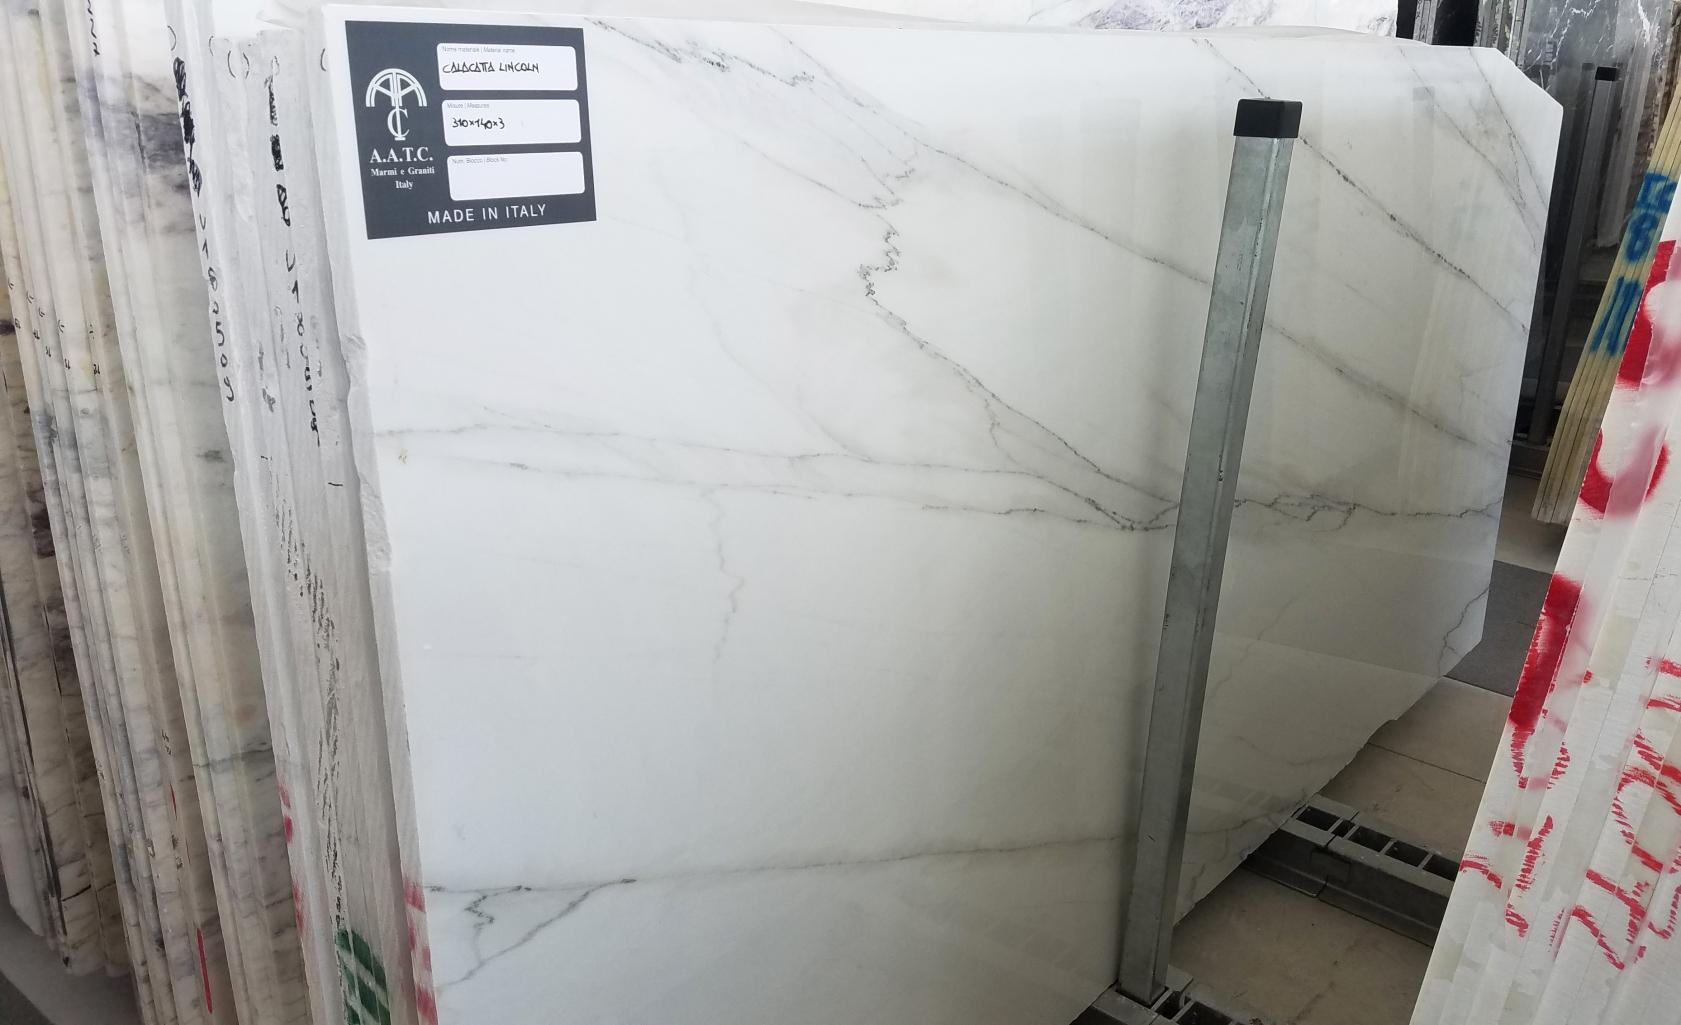 CALACATTA LINCOLN Suministro Verona (Italia) de planchas pulidas en Dolomita natural U0180509 , Bundle #1